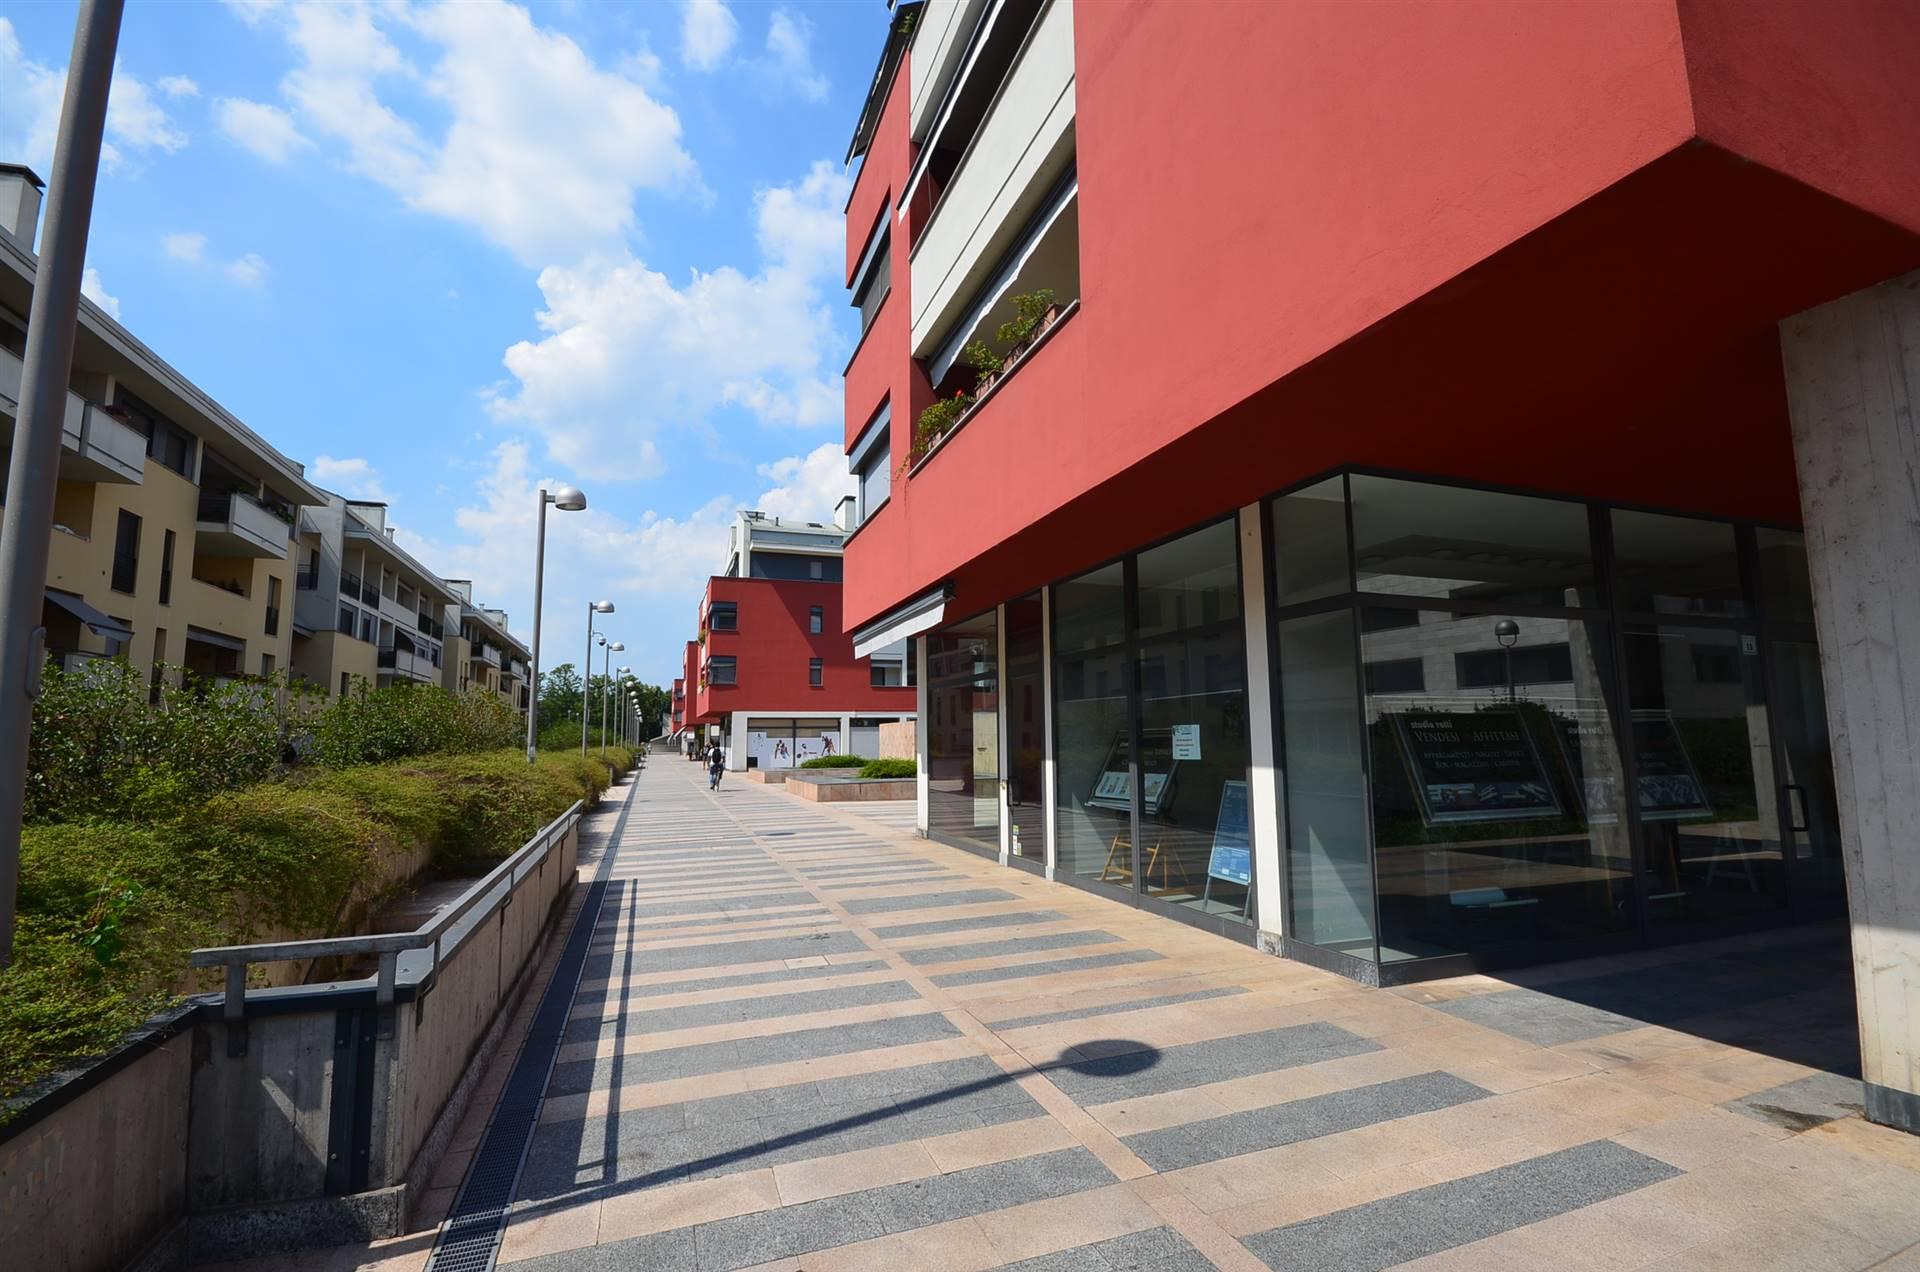 Negozio / Locale in vendita a Gorgonzola, 1 locali, prezzo € 180.000 | PortaleAgenzieImmobiliari.it